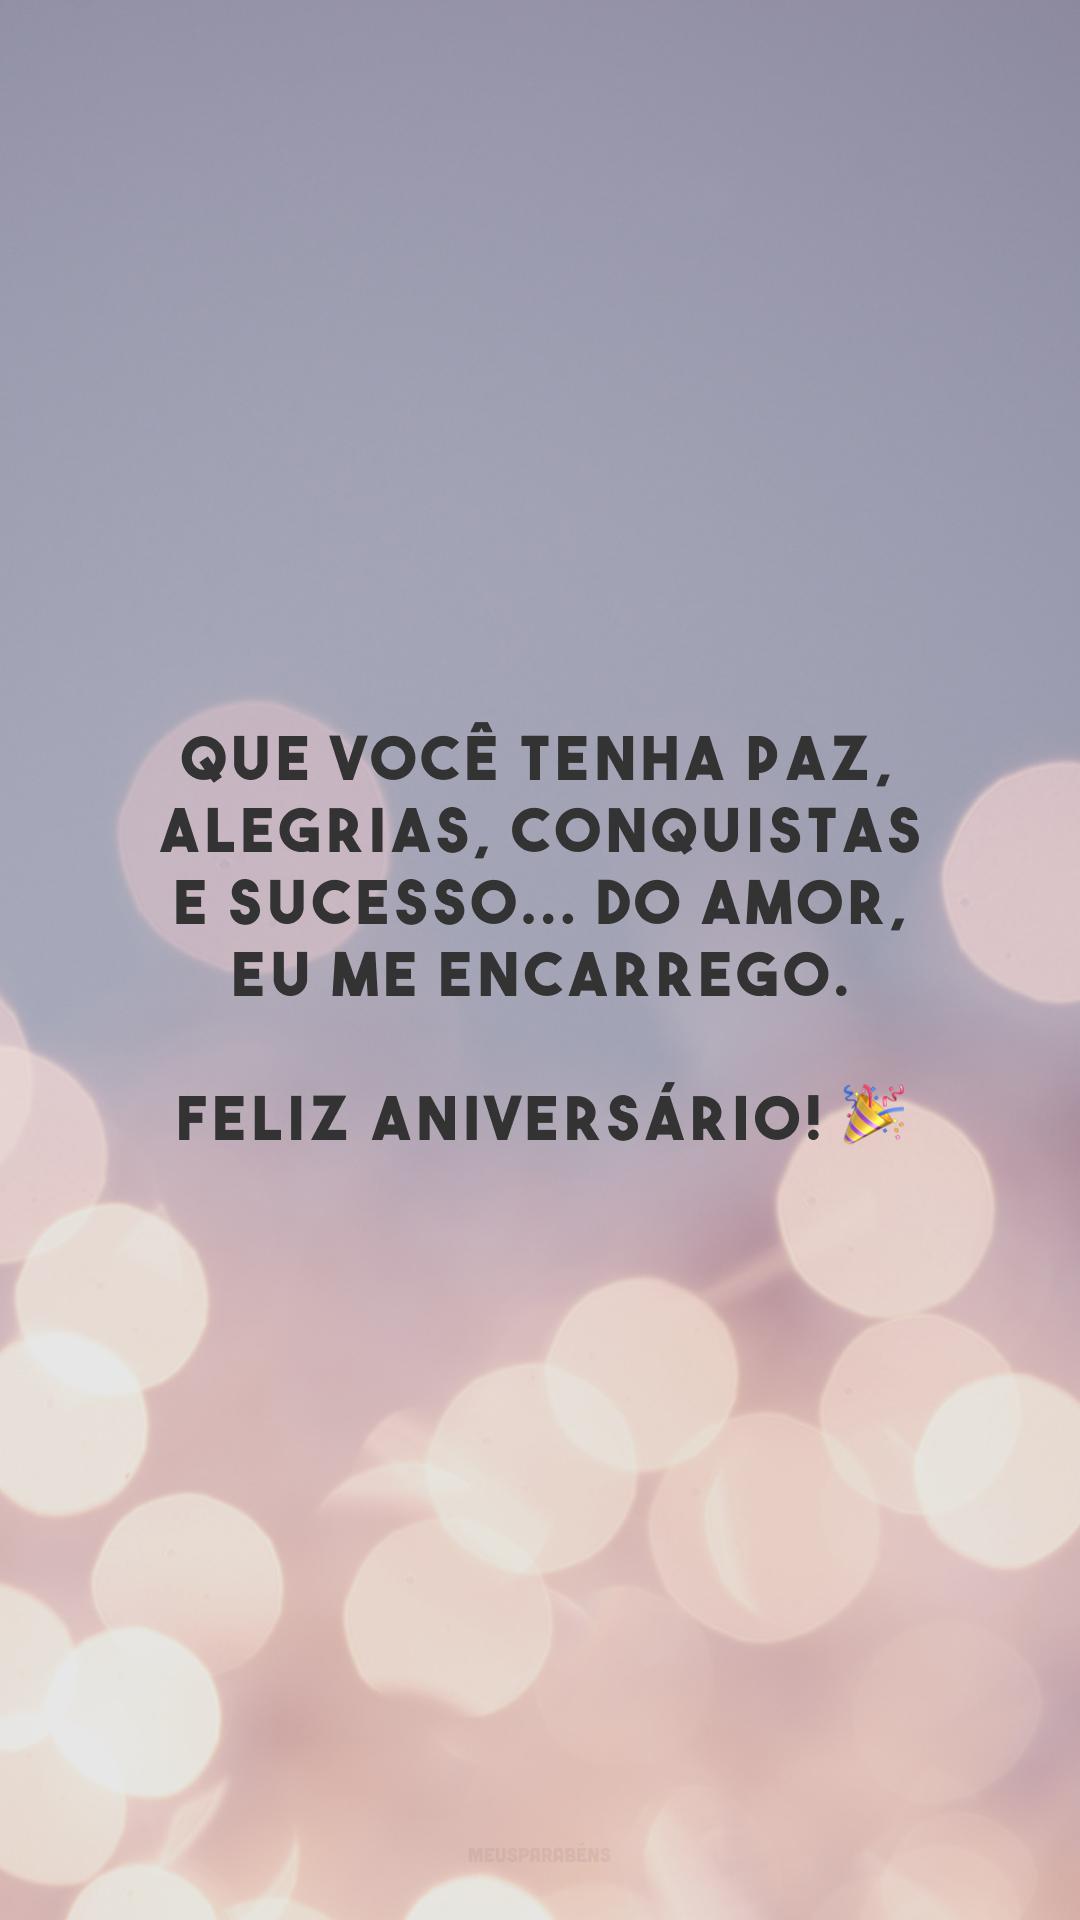 Que você tenha paz, alegrias, conquistas e sucesso... Do amor, eu me encarrego. Feliz aniversário! 🎉